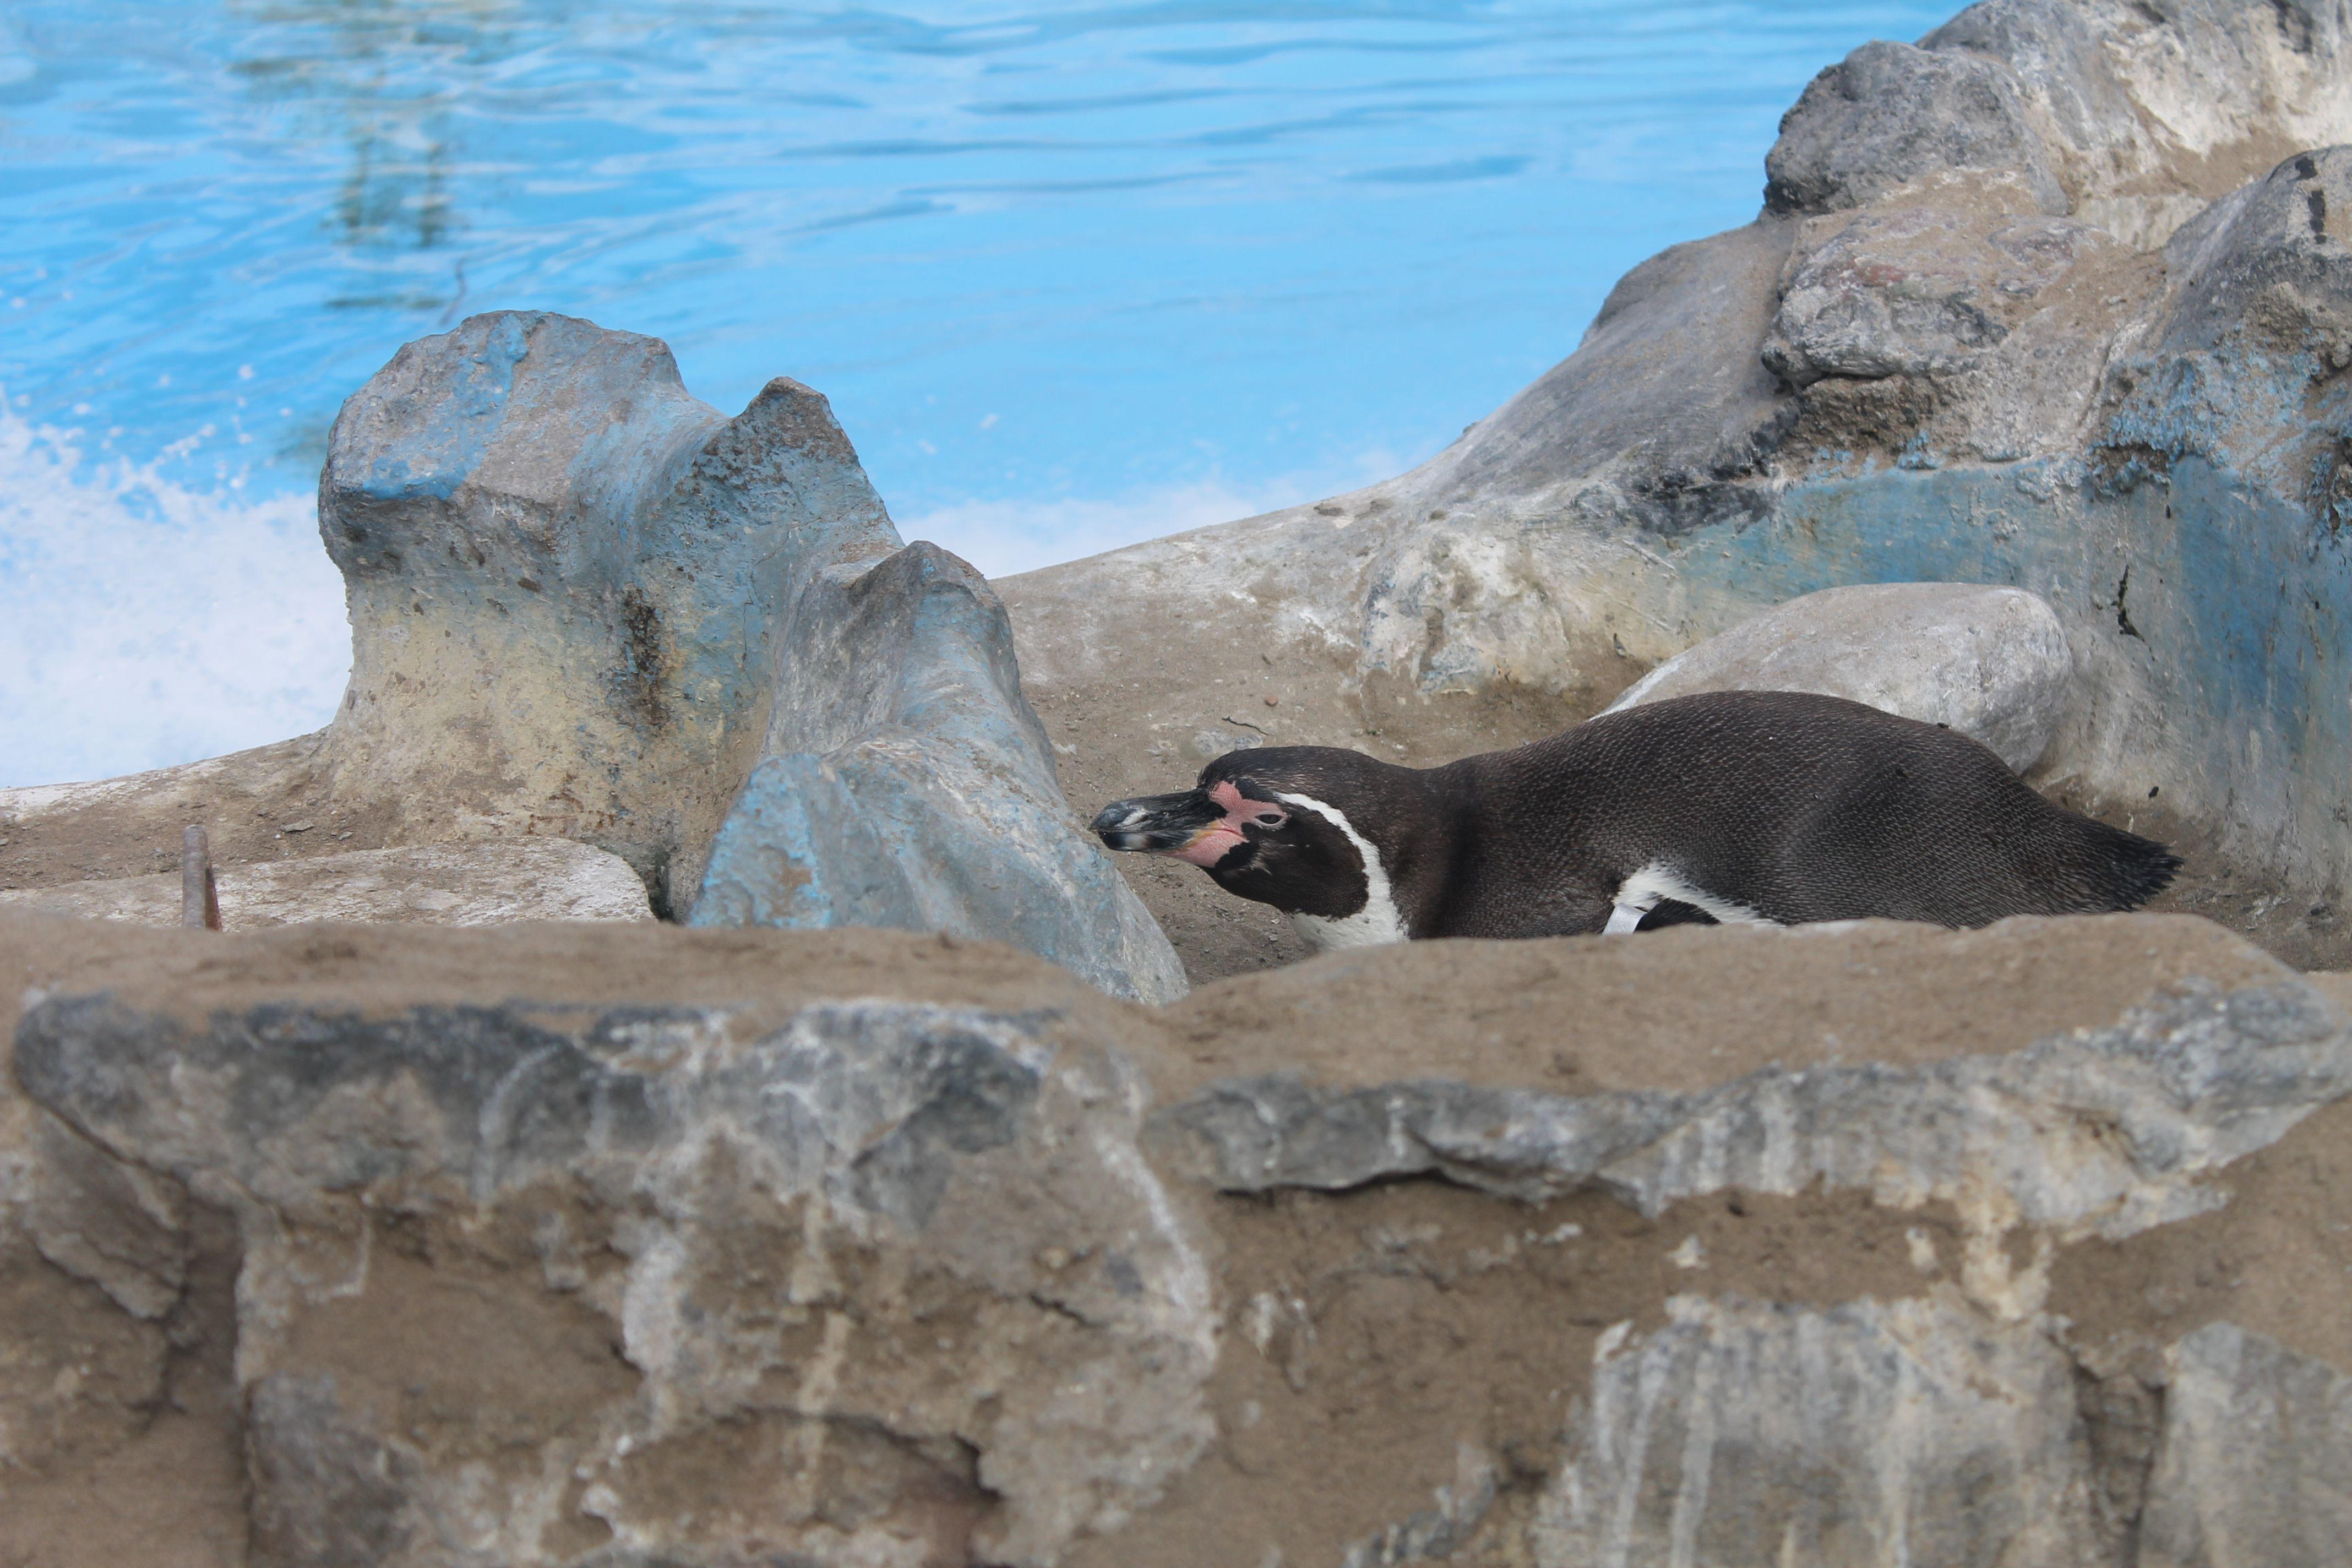 Pingüinos ♥ Está muy lindo. Ley de la mirada. Ley de tercios. #foto #pingüino #bonito #zoo